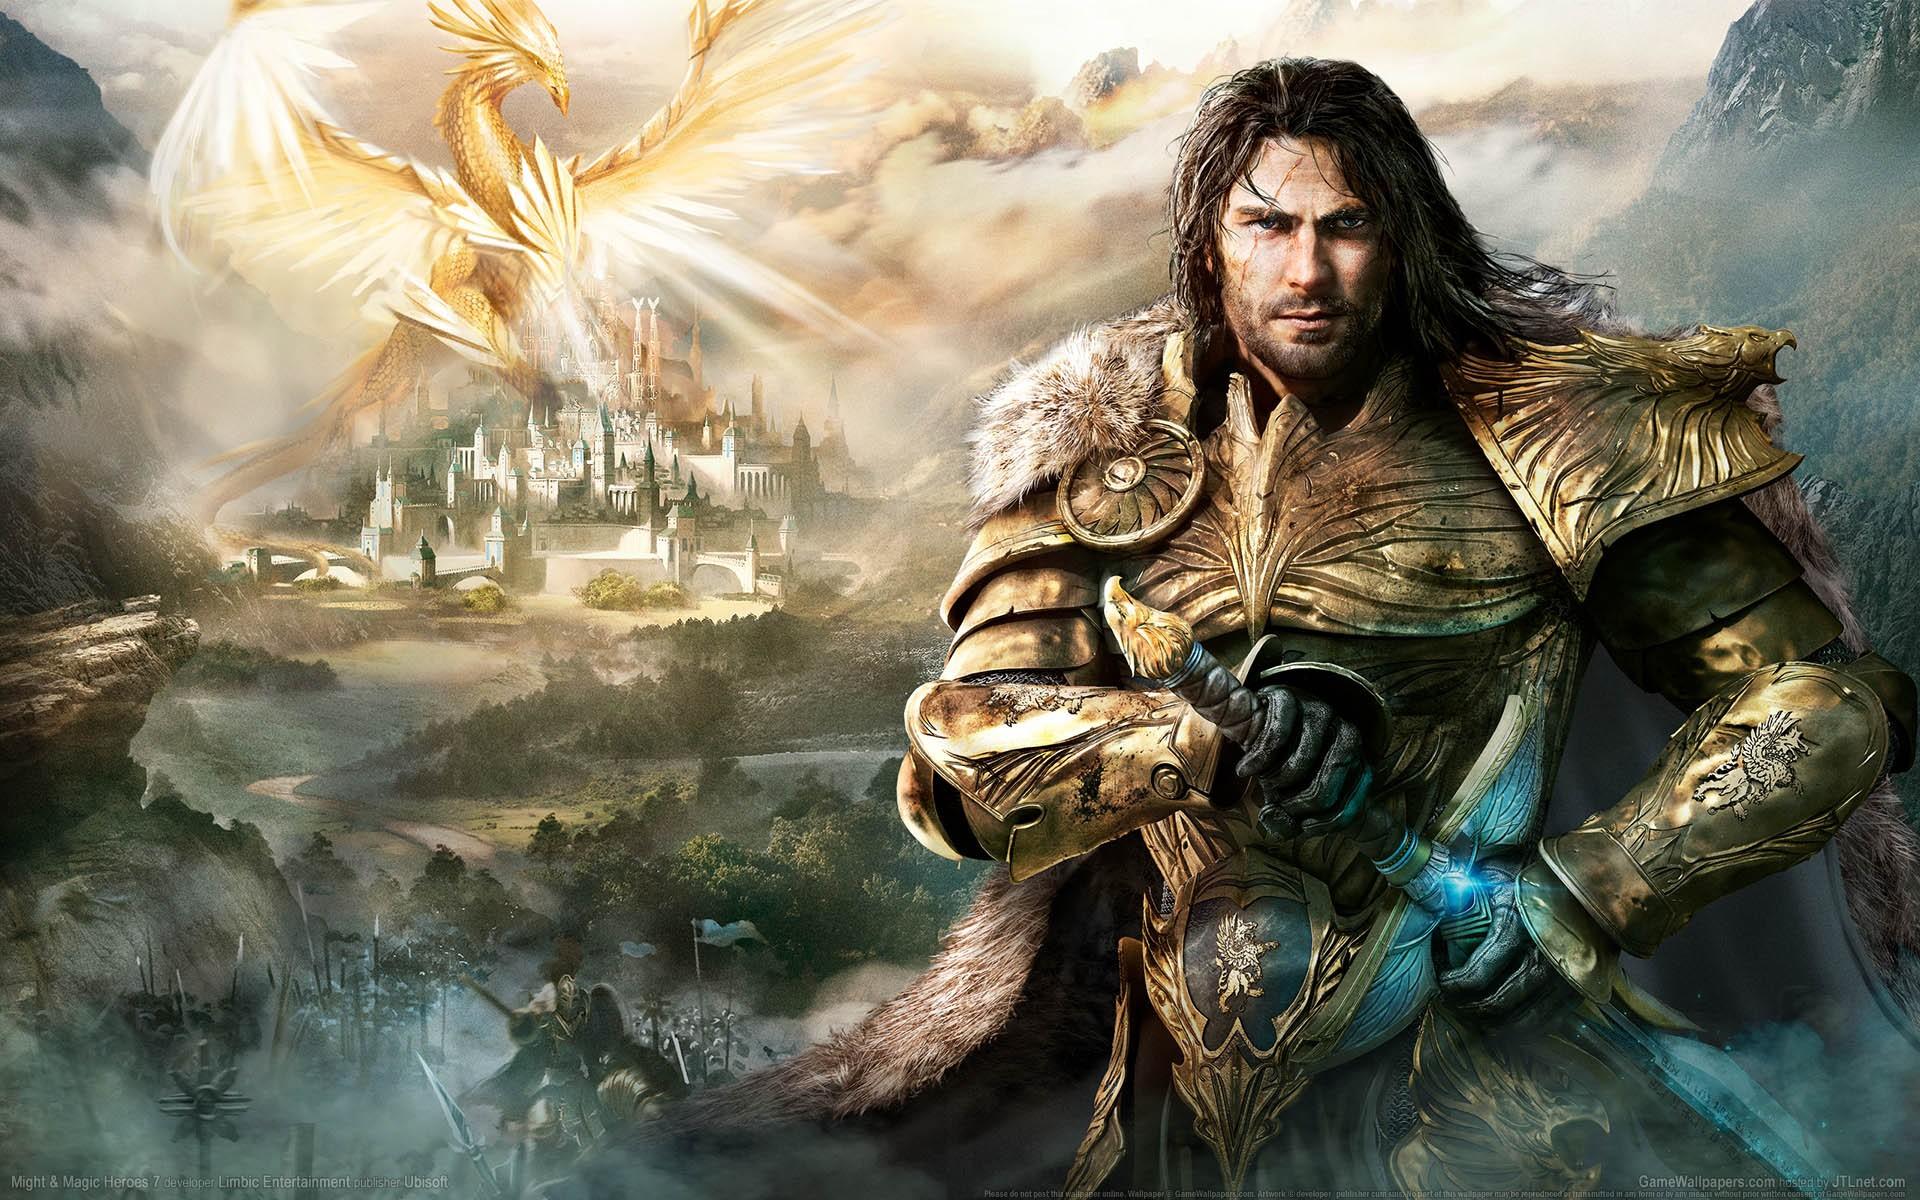 Компания Ubisoft уволила разработчиков игры Might & Magic Heroes VII